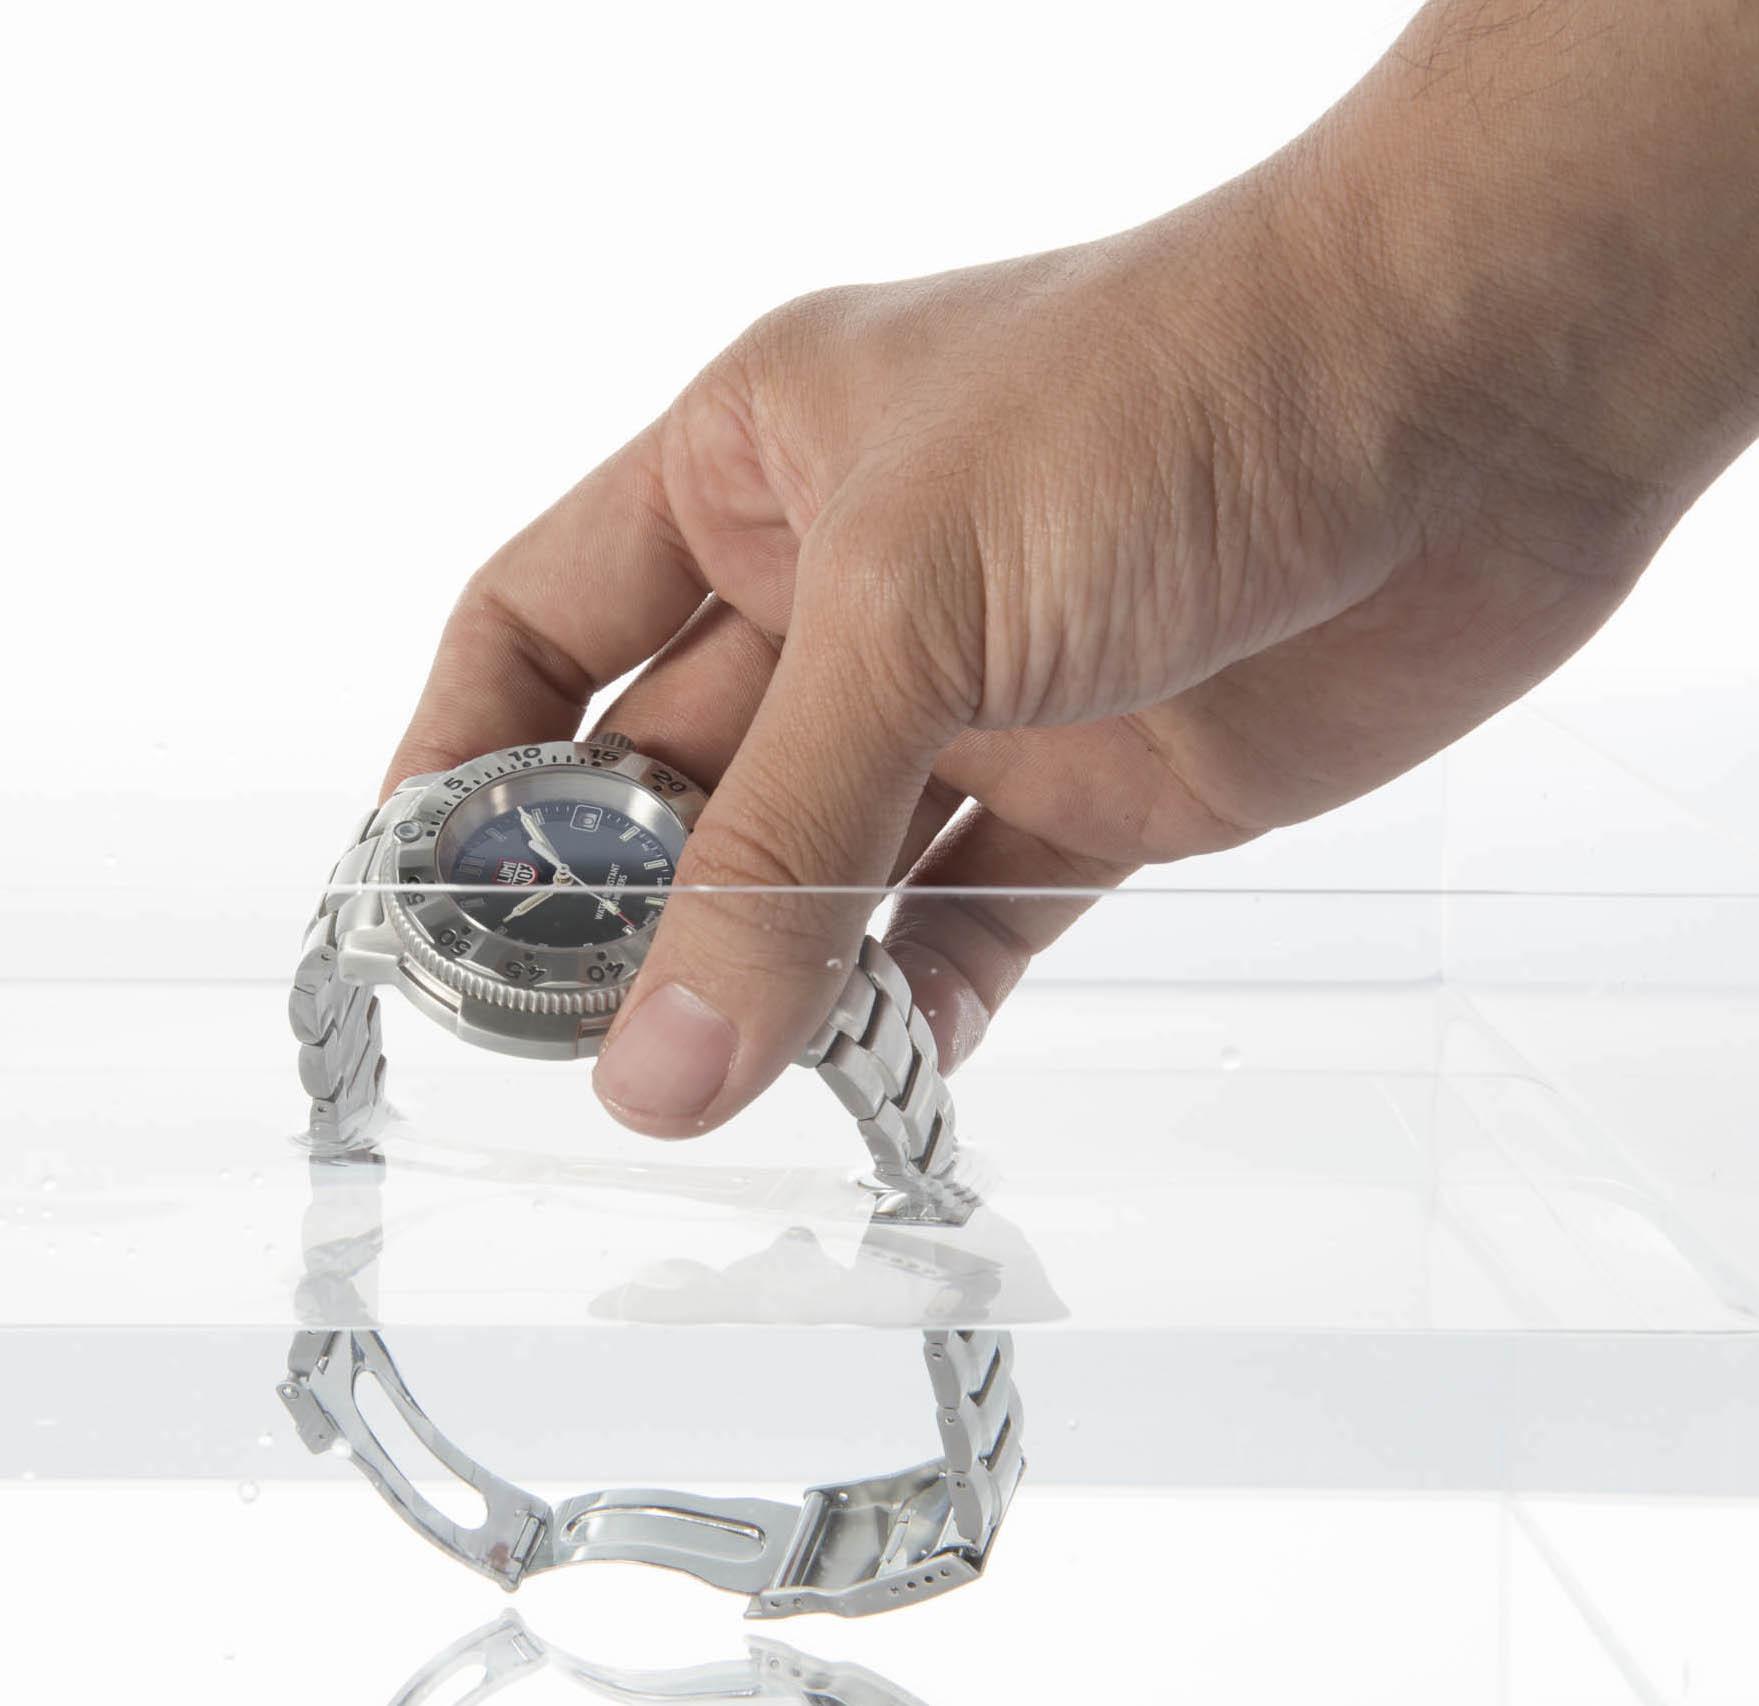 防水時計で温泉に入るのはアリ? ナシ? 紛らわしい時計のメンテ俗説9選